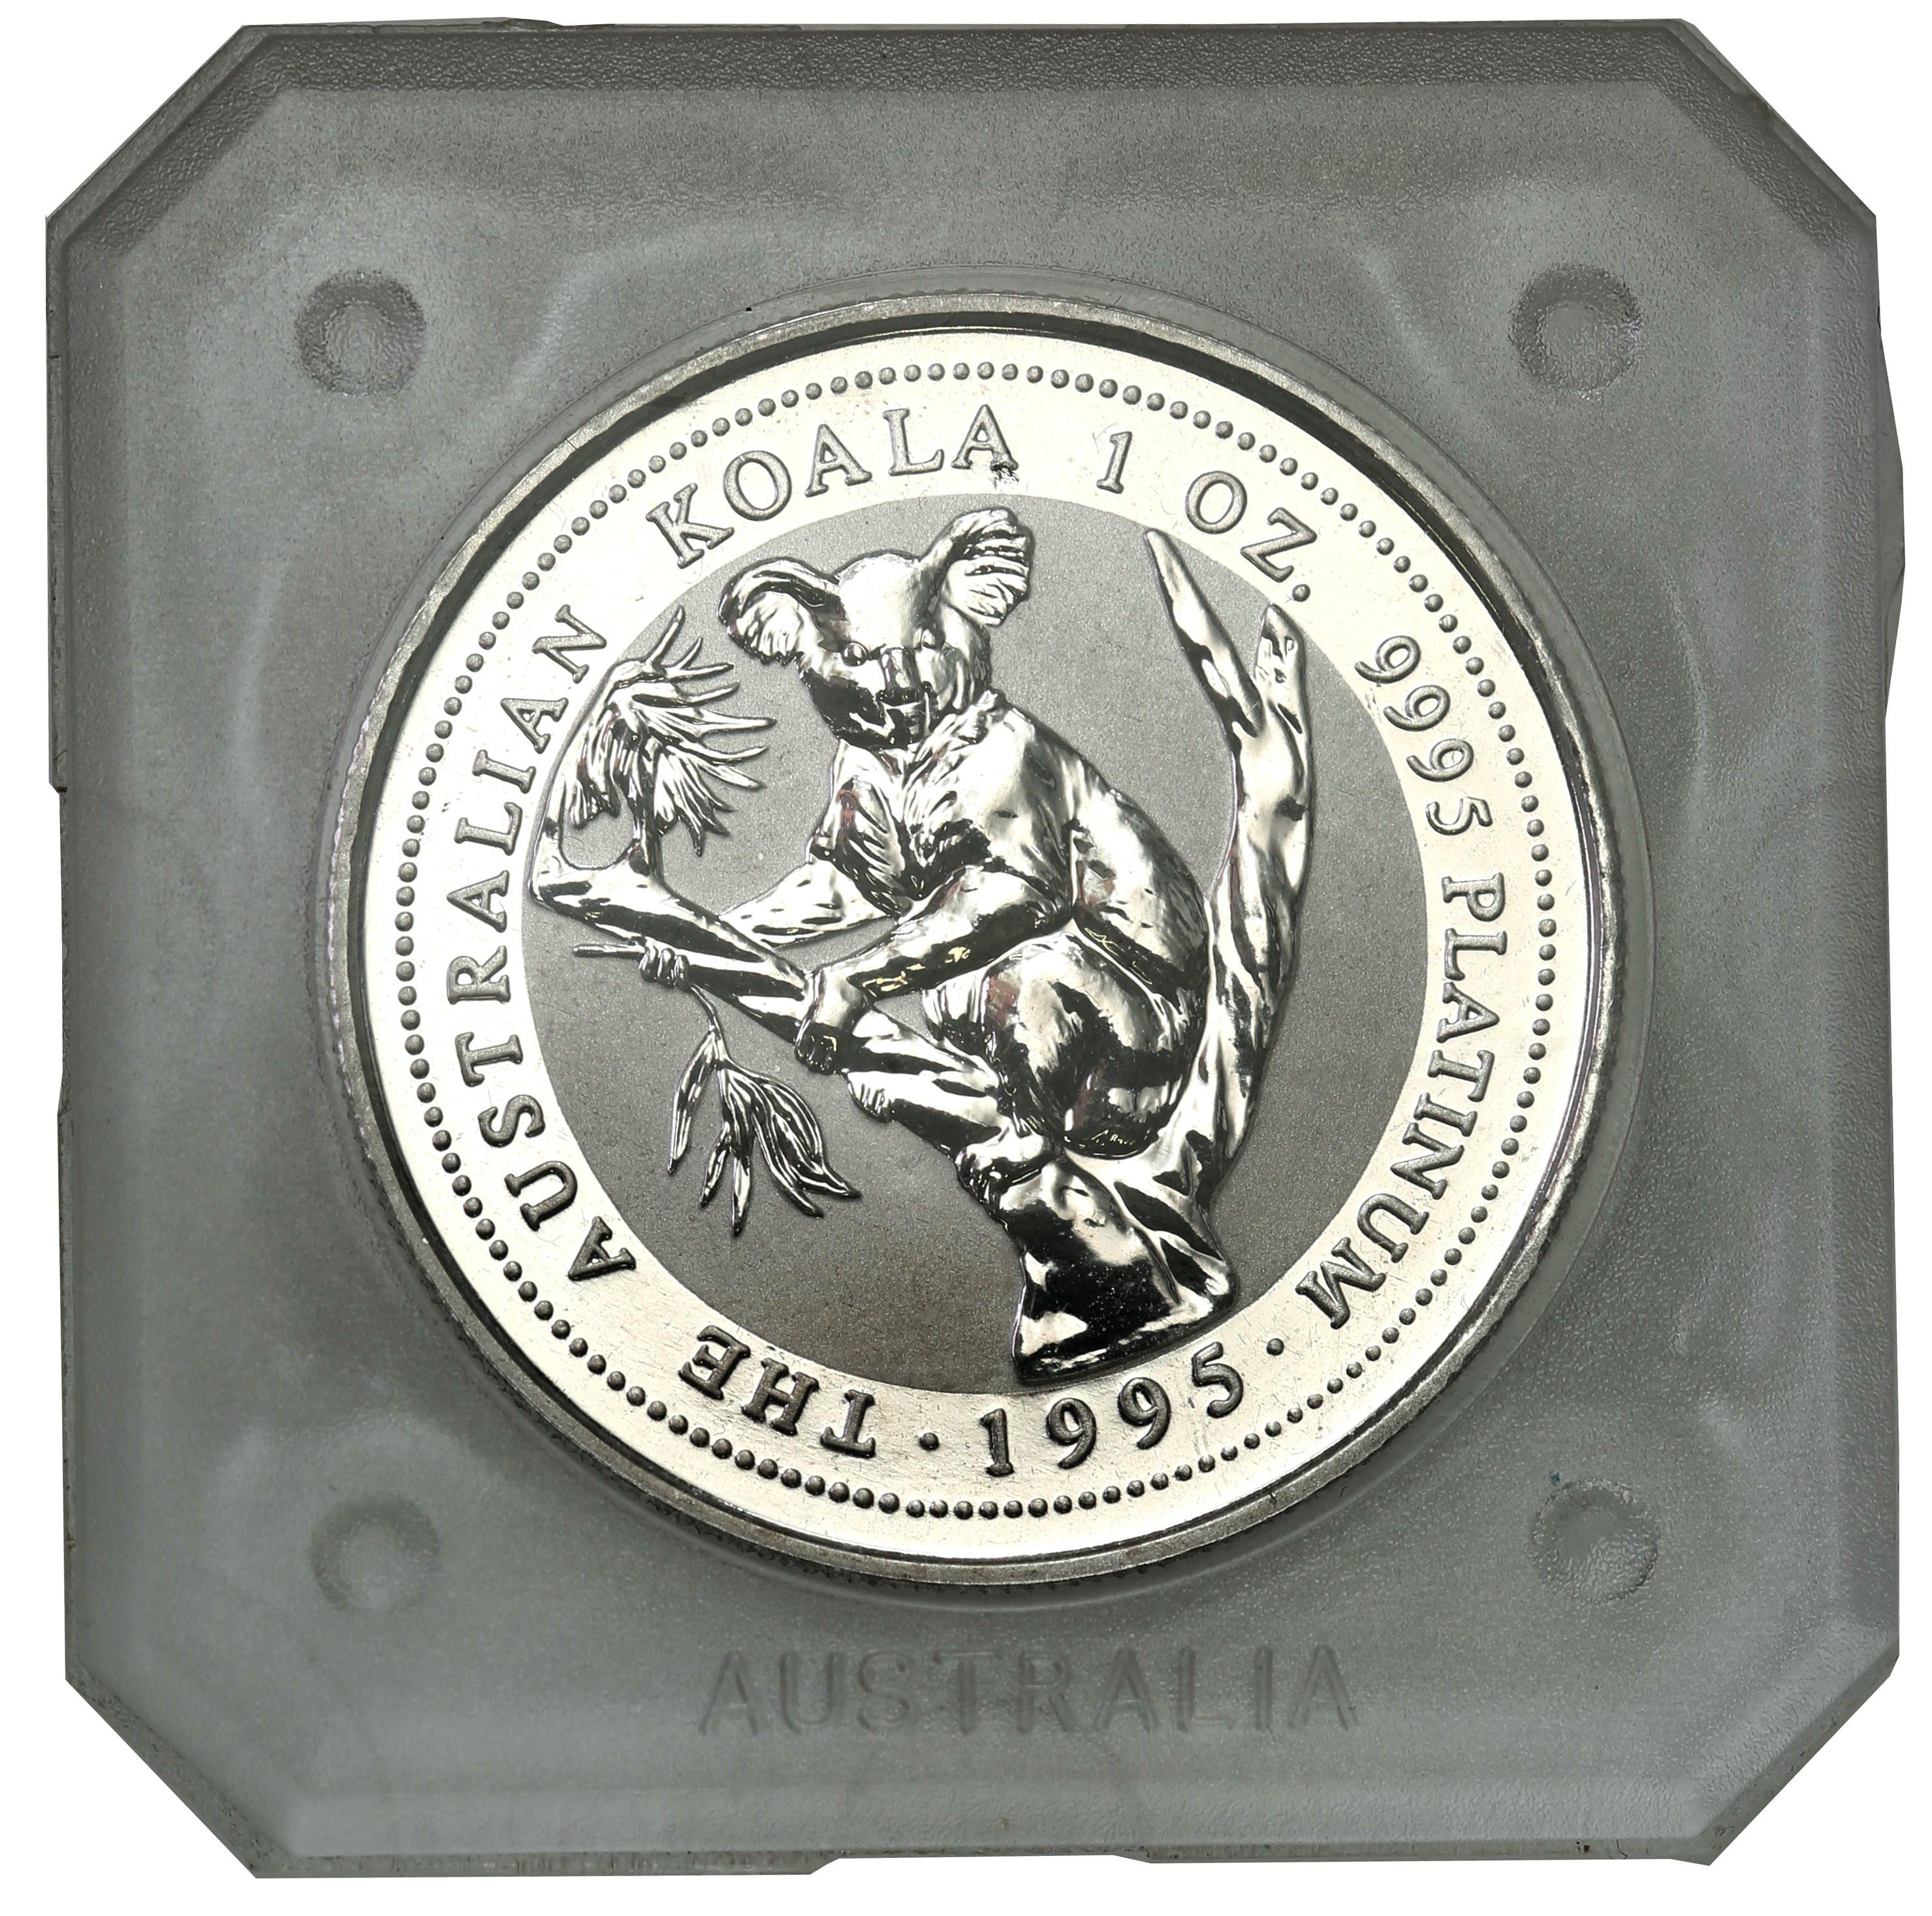 Australia. Elżbieta II 100 dolarów 1995 Koala - 1 uncja platyny - st. L